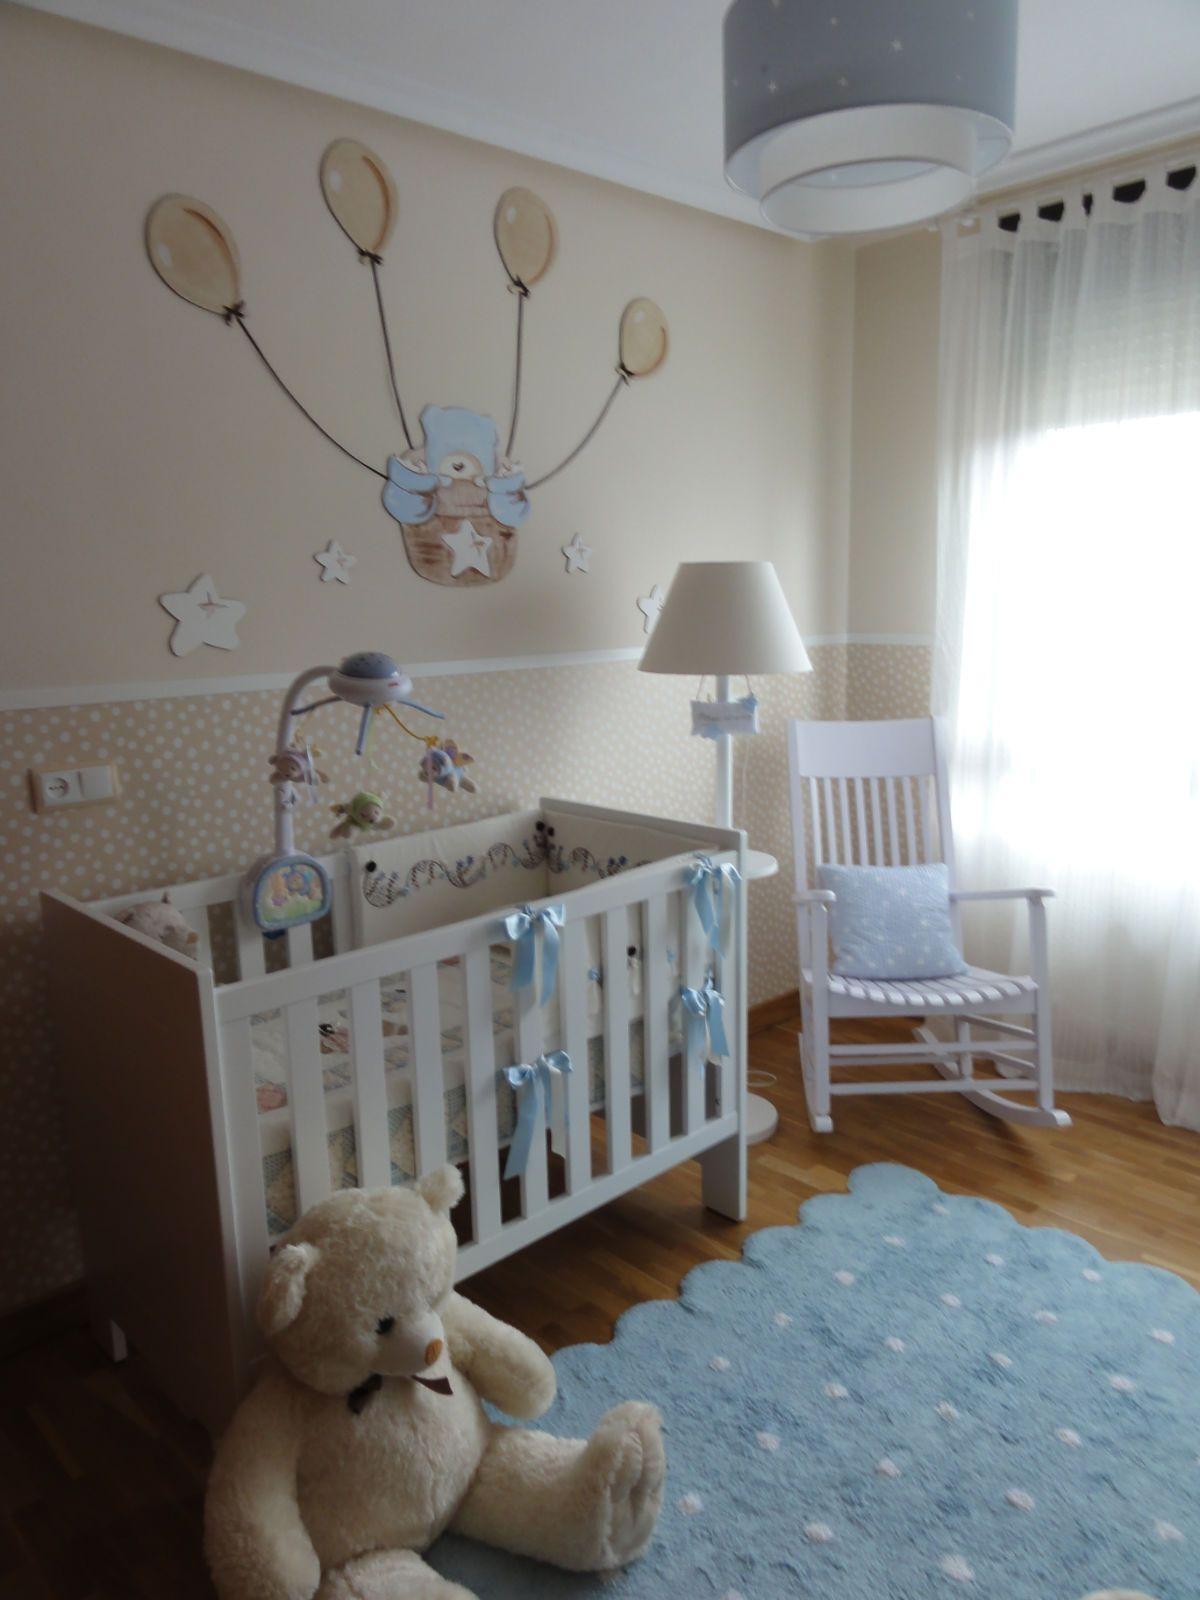 Distribuci n dormitorio beb grace dormitorio bebe - De que color pintar una habitacion ...